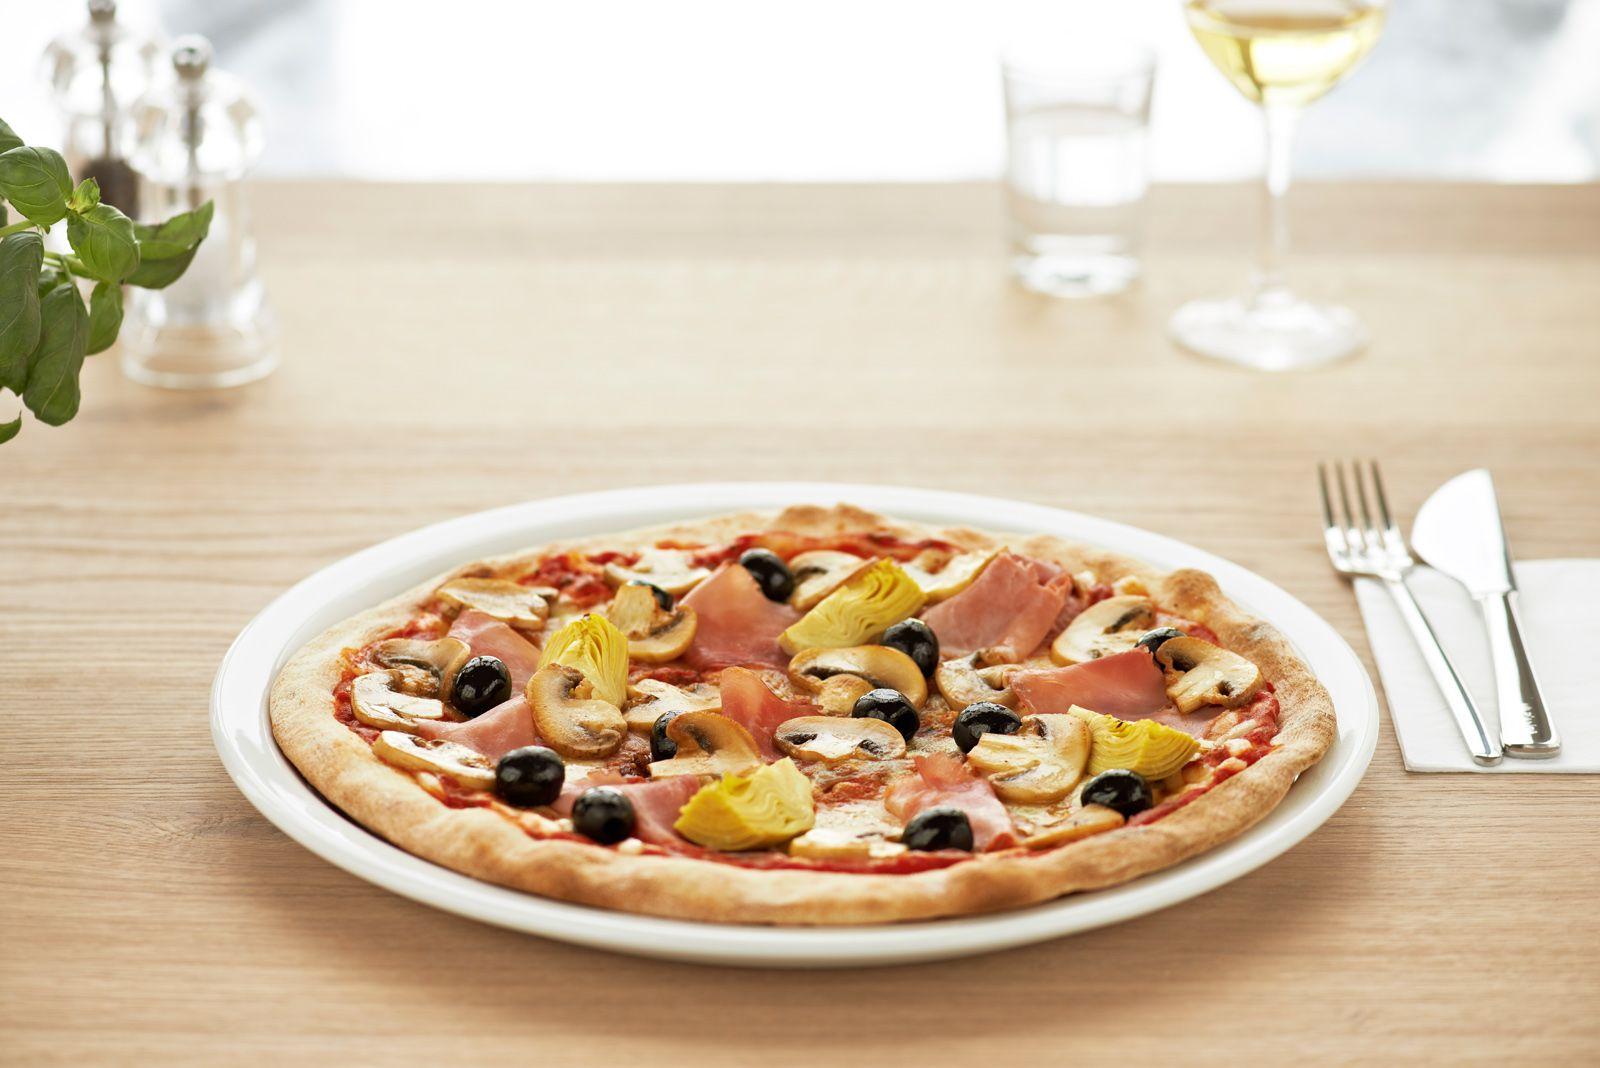 CAPRICCIOSA | Italienischer gekochter Schinken, frische Champignons, Artischocken und geschwärzte Oliven auf hausgemachter Tomatensauce und Mozzarella.